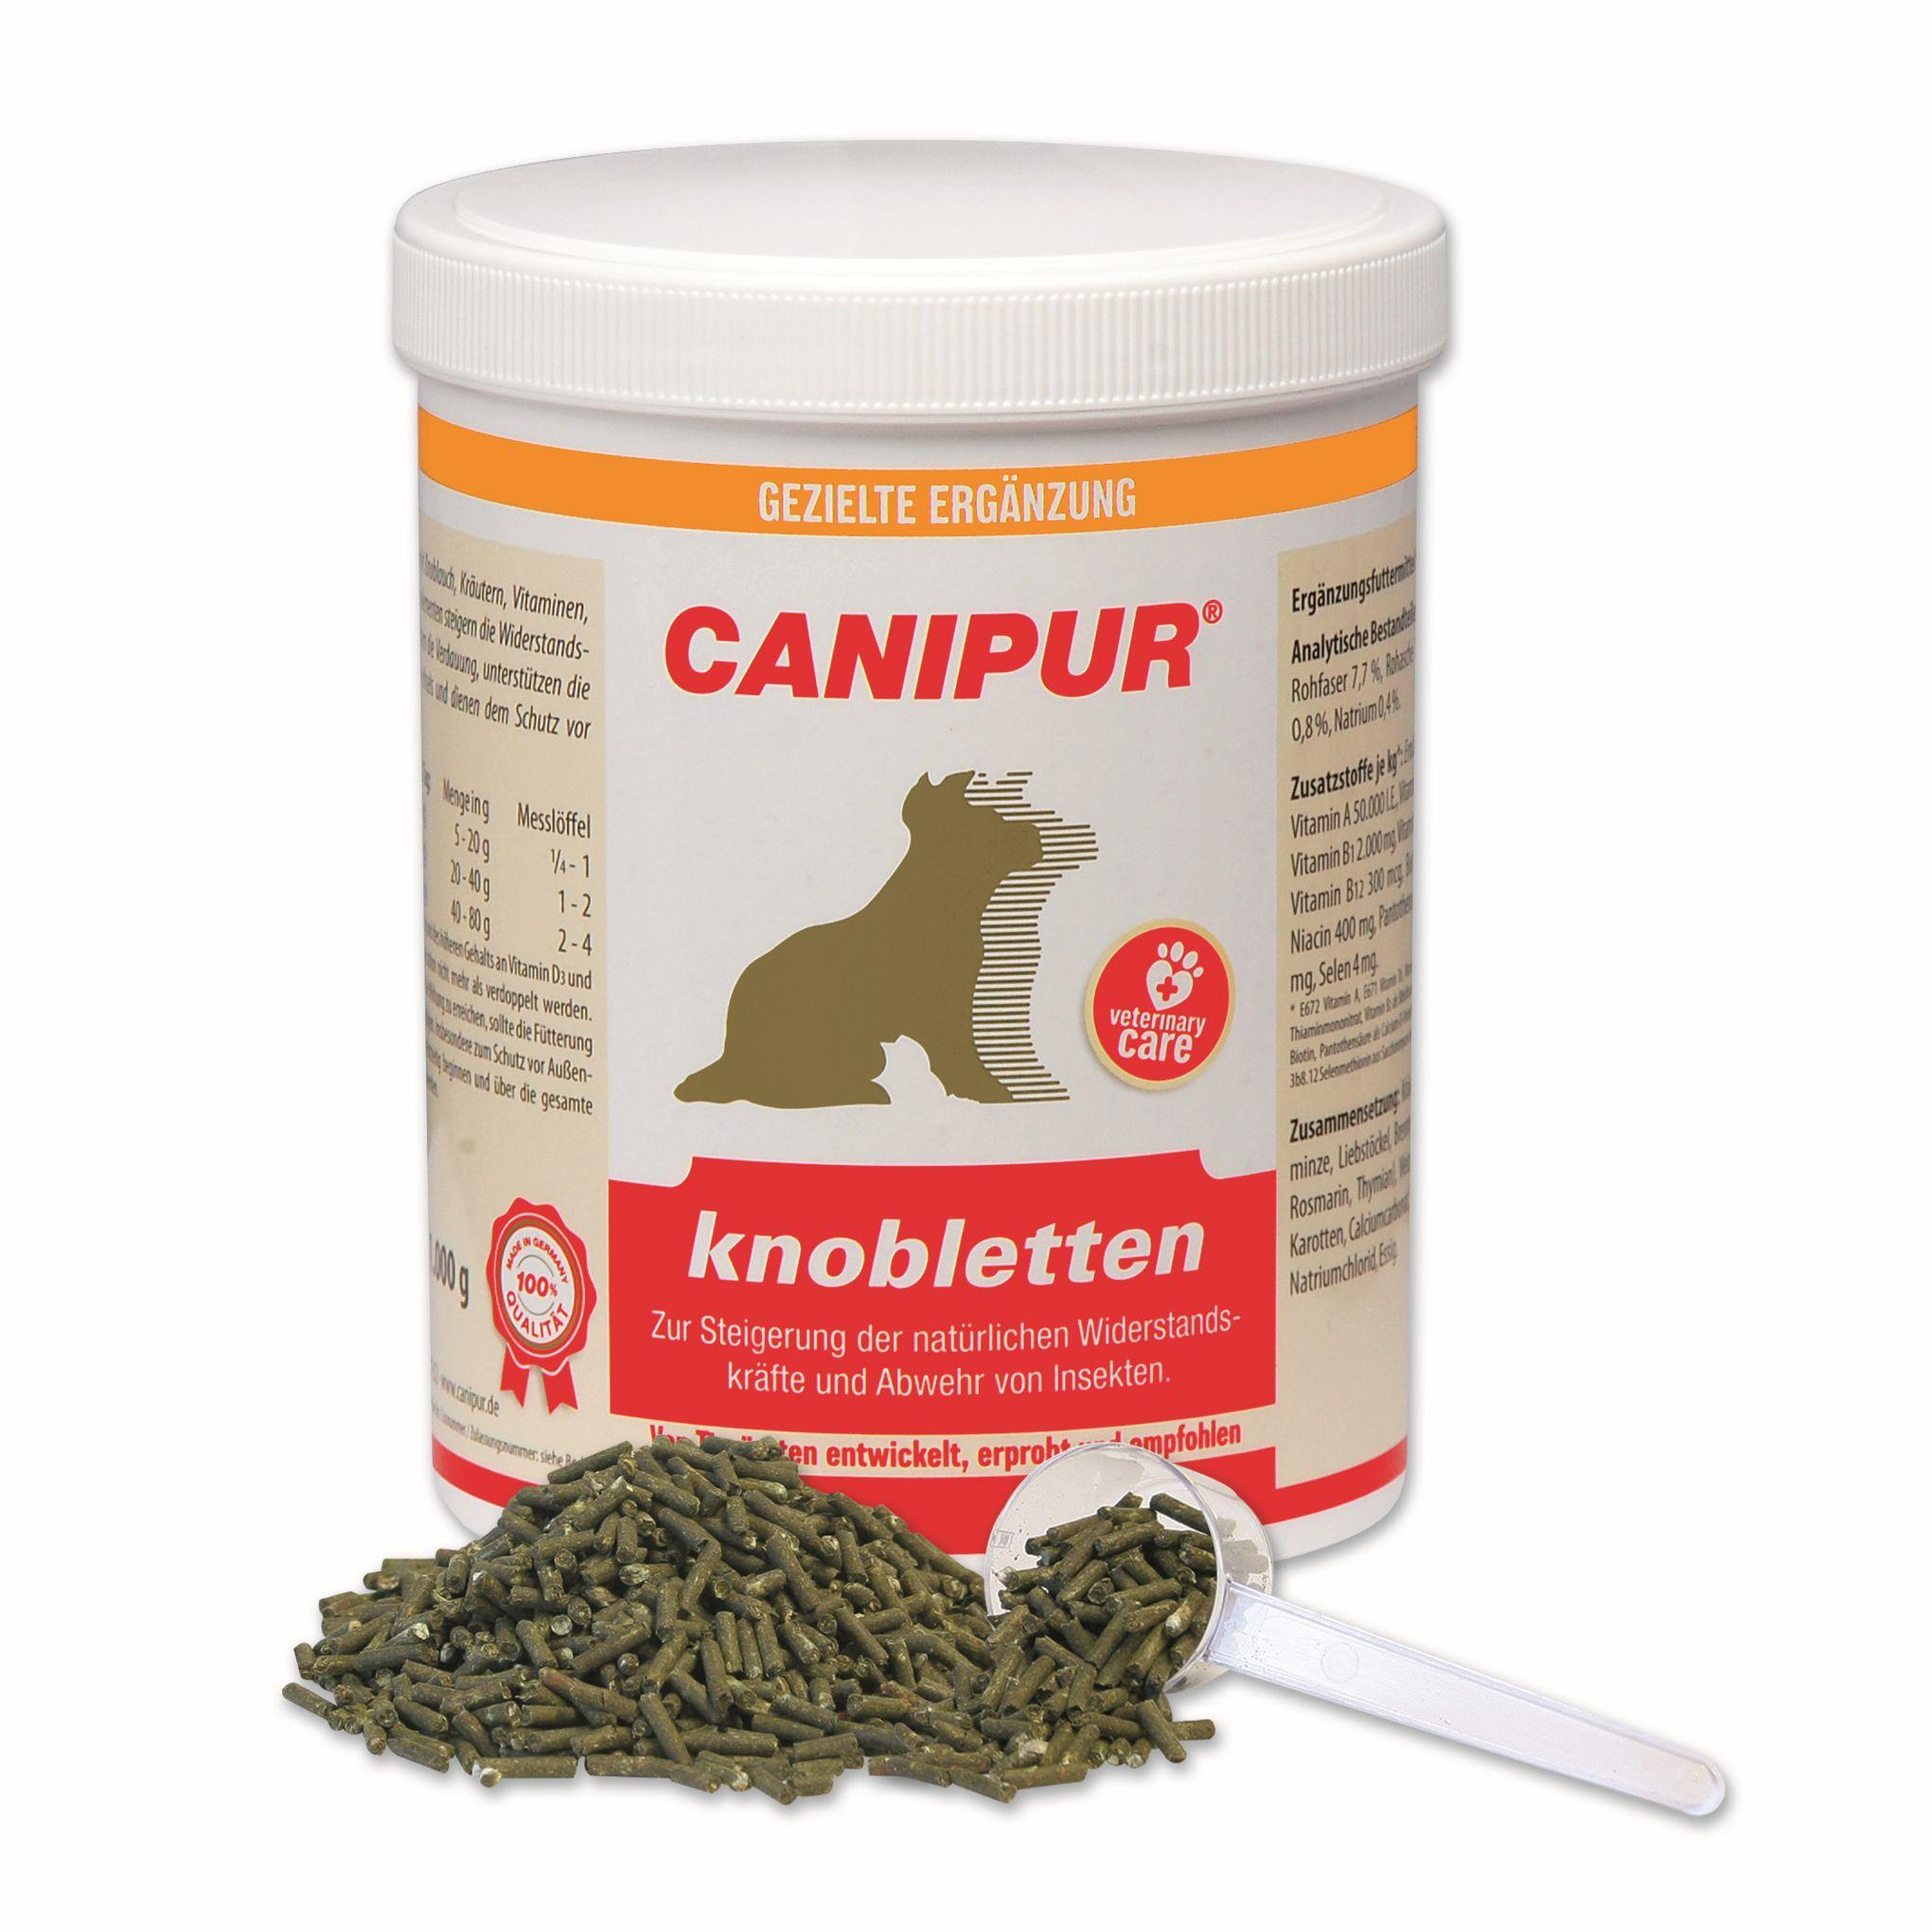 Vetripharm Canipur knobletten